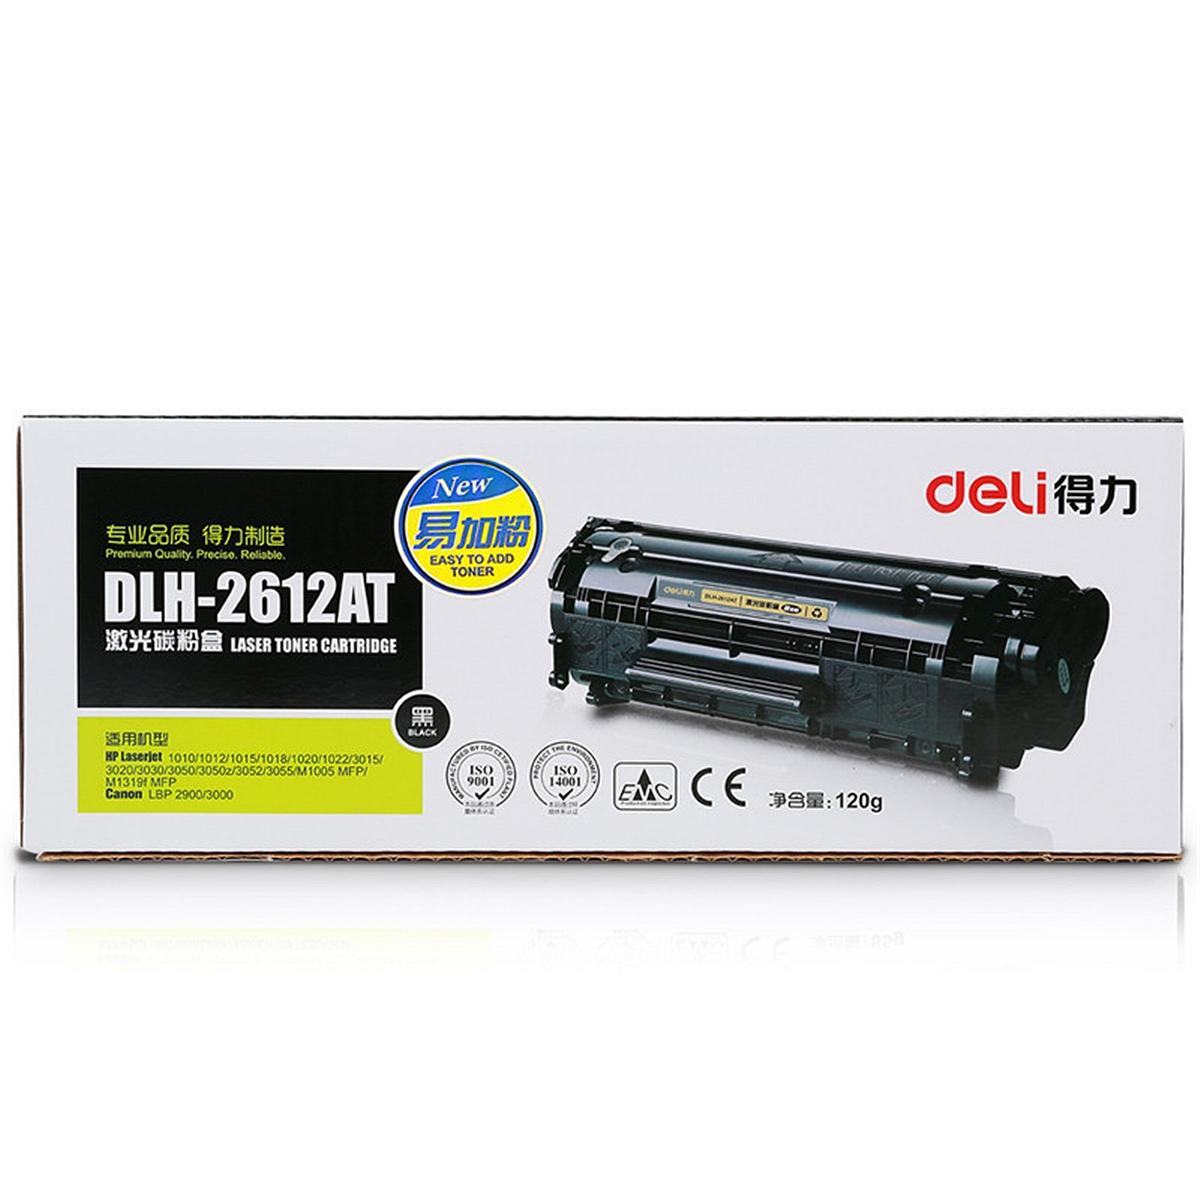 得力DLH-2612AT激光碳粉盒(适用惠普HP1010 1012 1015 1020 1020Plus 3050 M1005 M1319f) (黑色)(只)